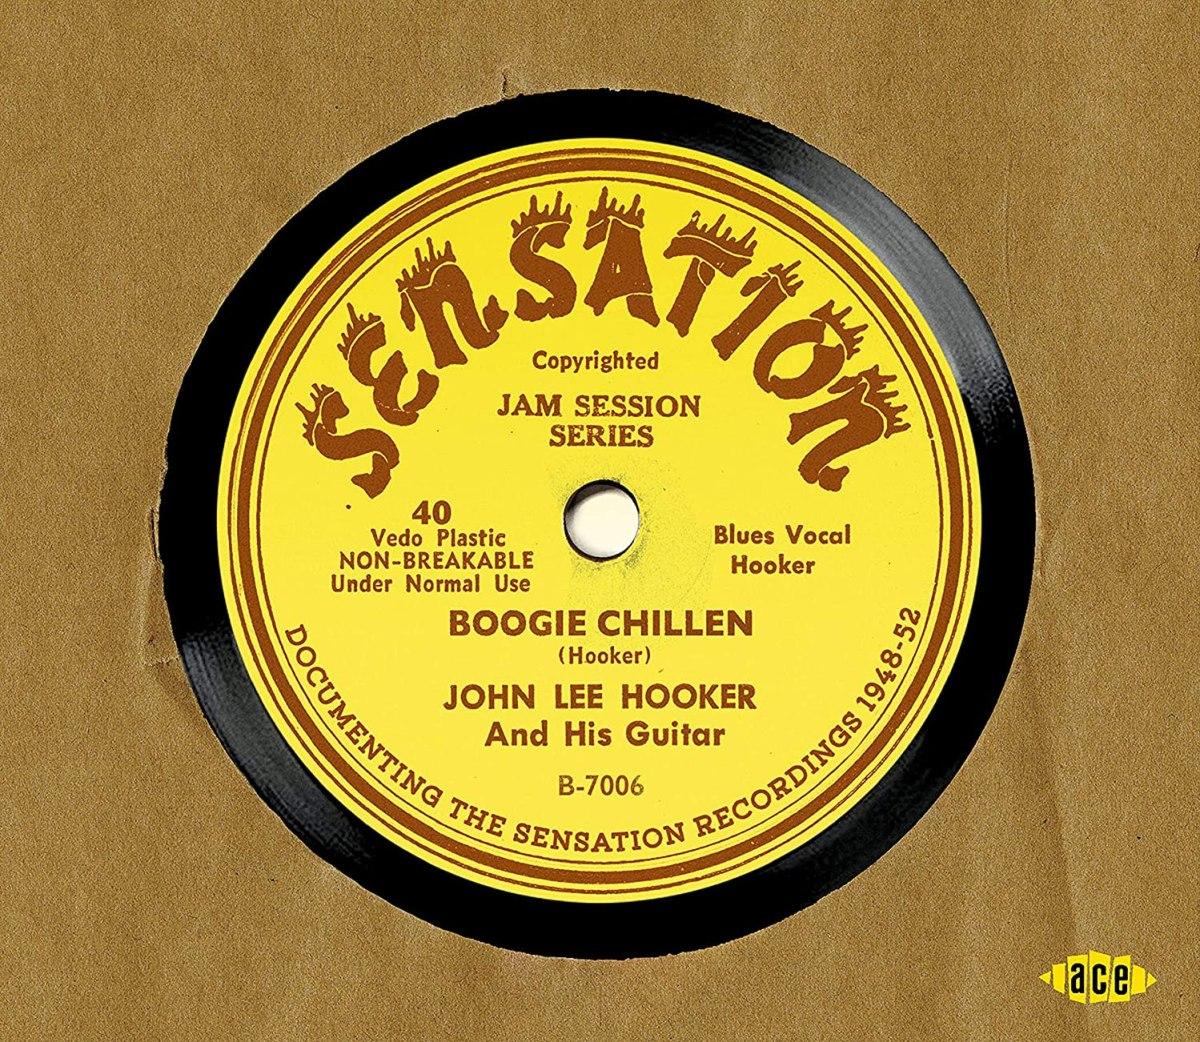 John Lee Hooker - Documenting The Sensation Recordings 1948-52